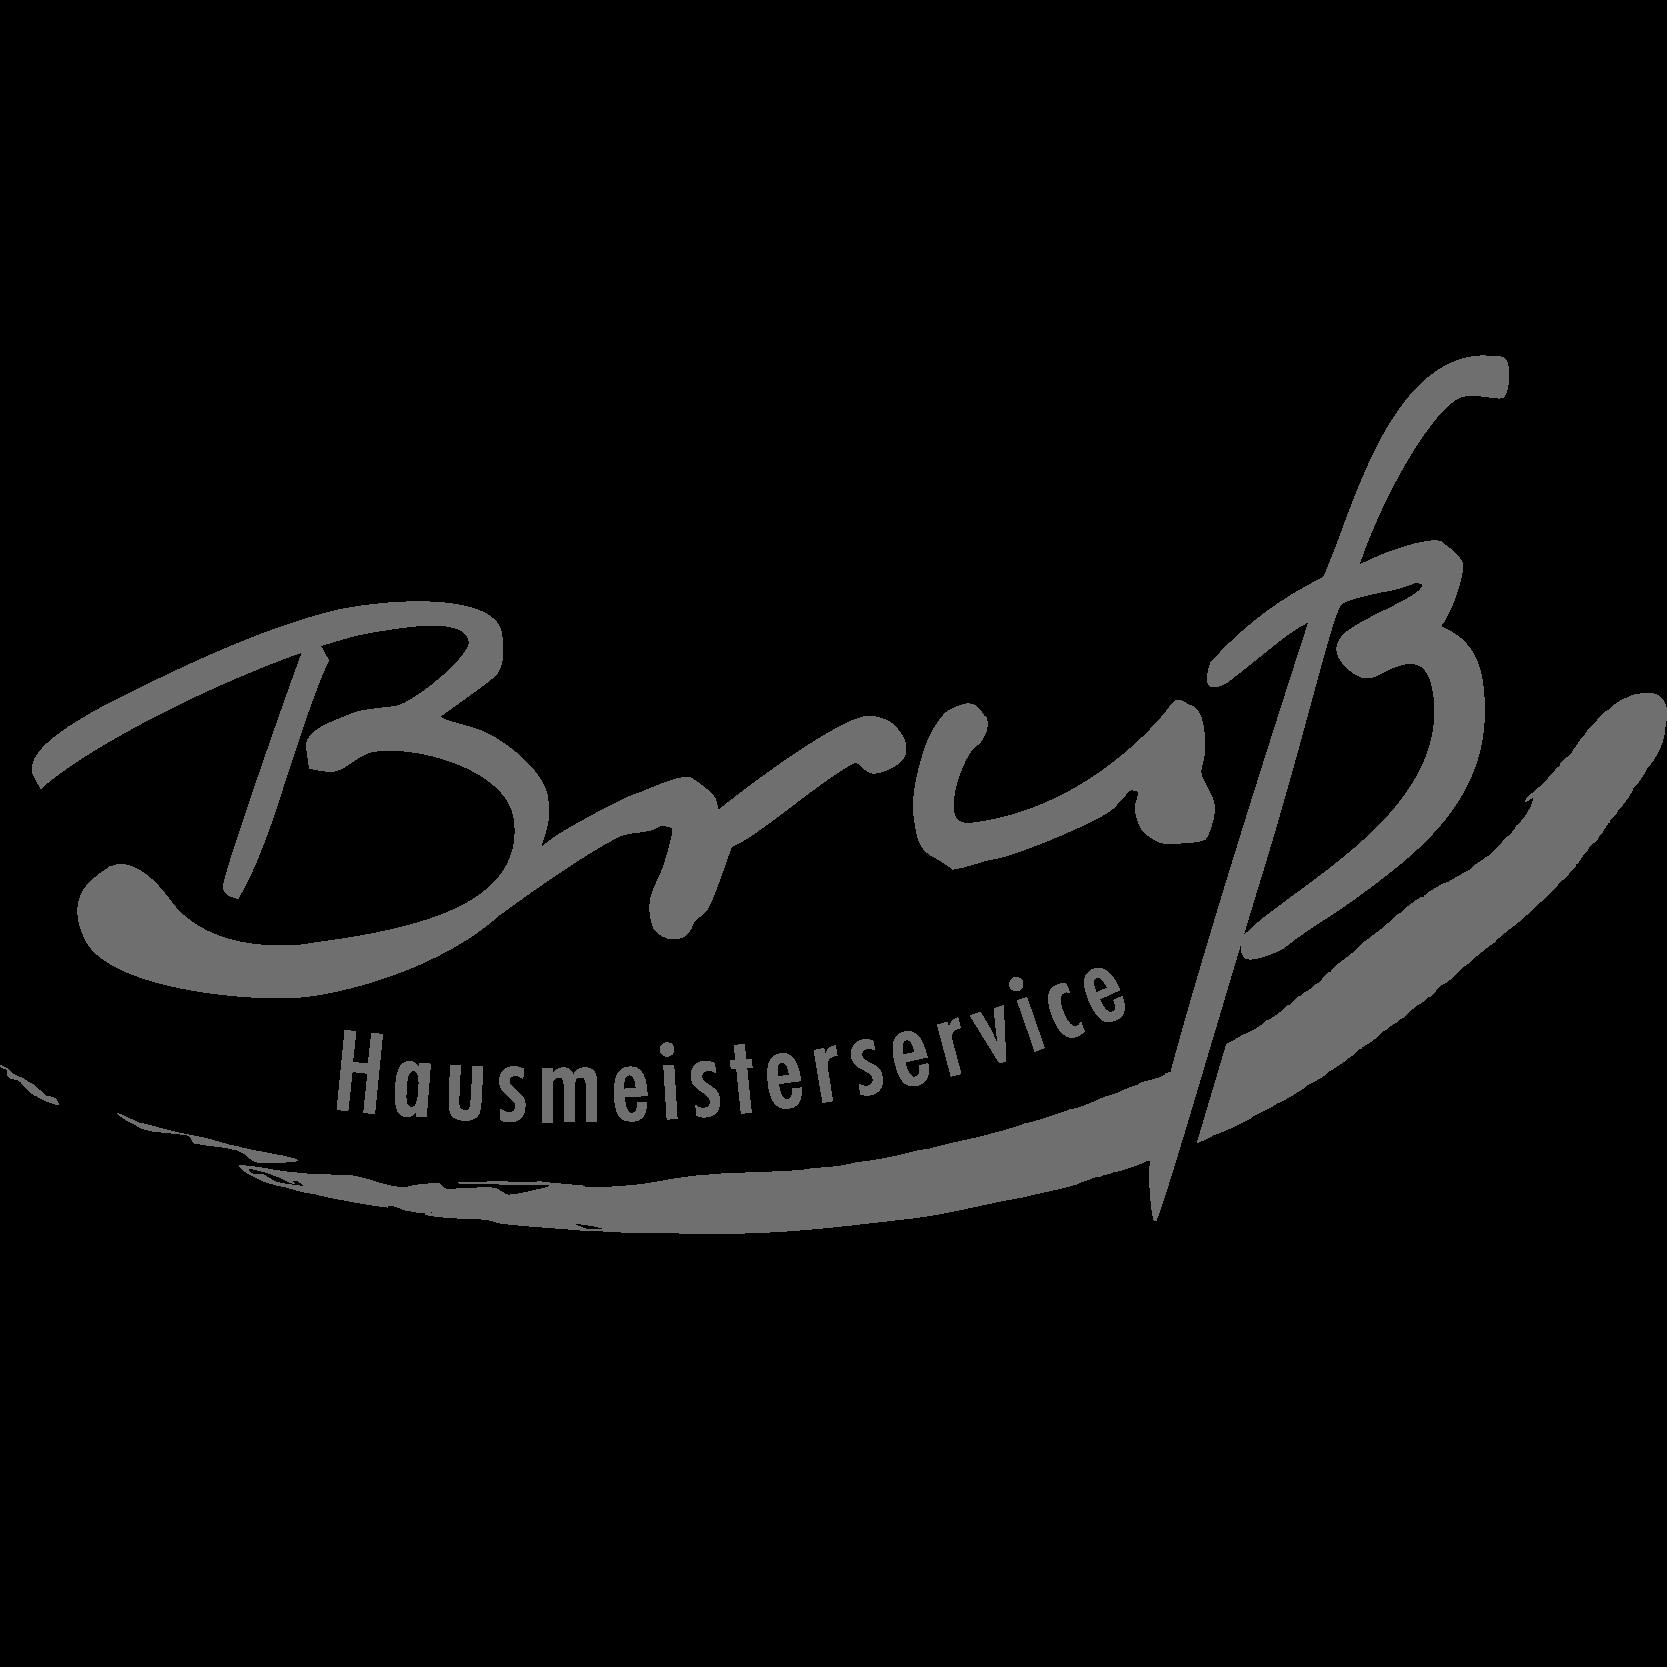 Hausmeisterservice Bruss